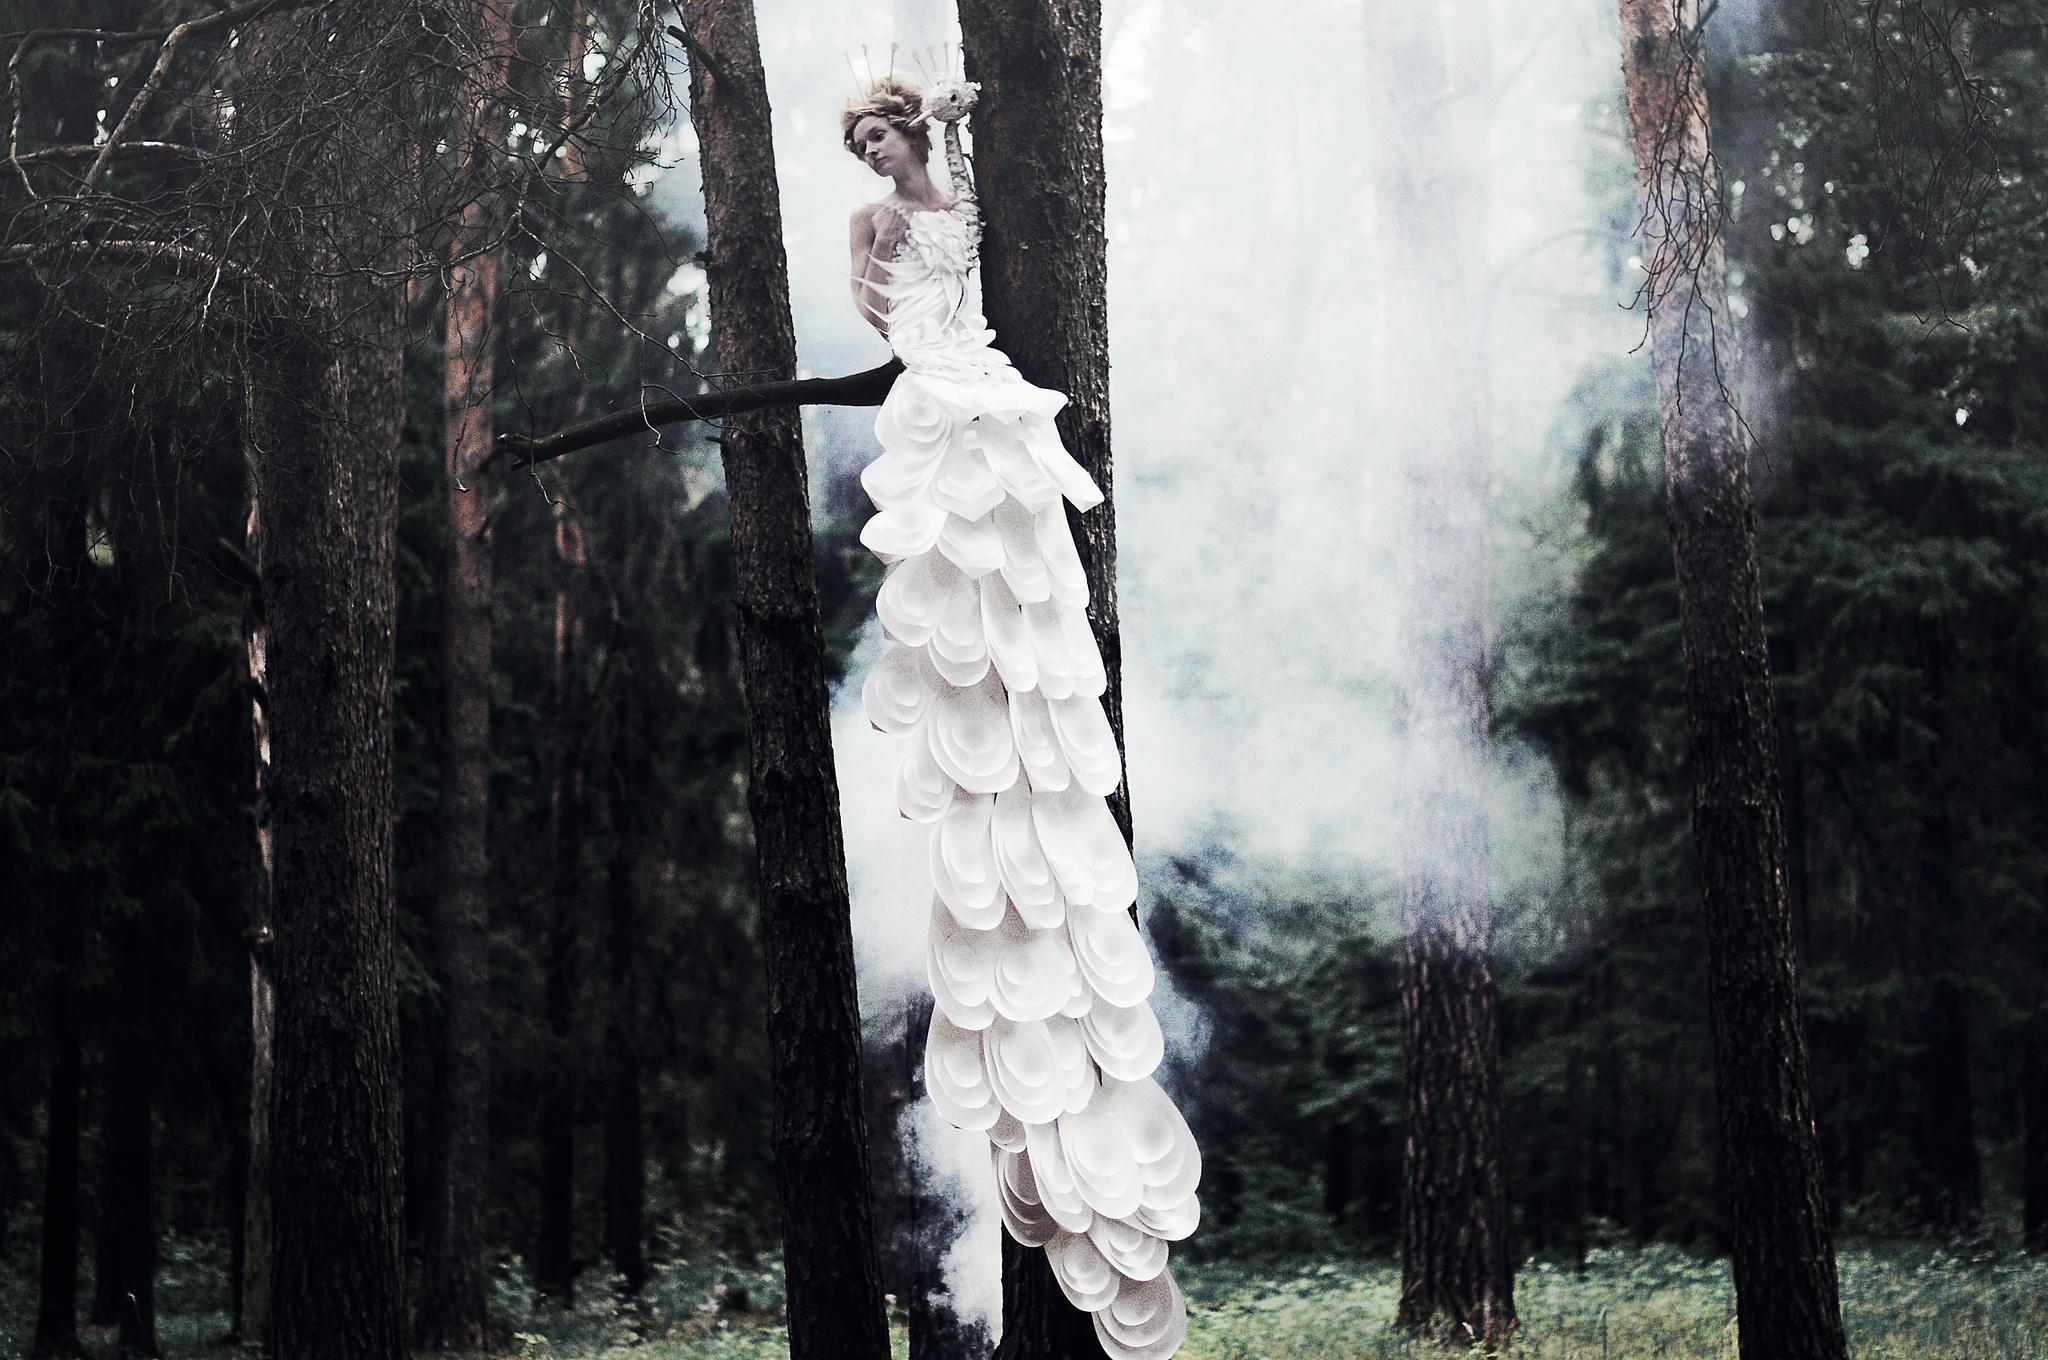 Фотография Девушка на дереве - обои для рабочего стола, картинки, фото